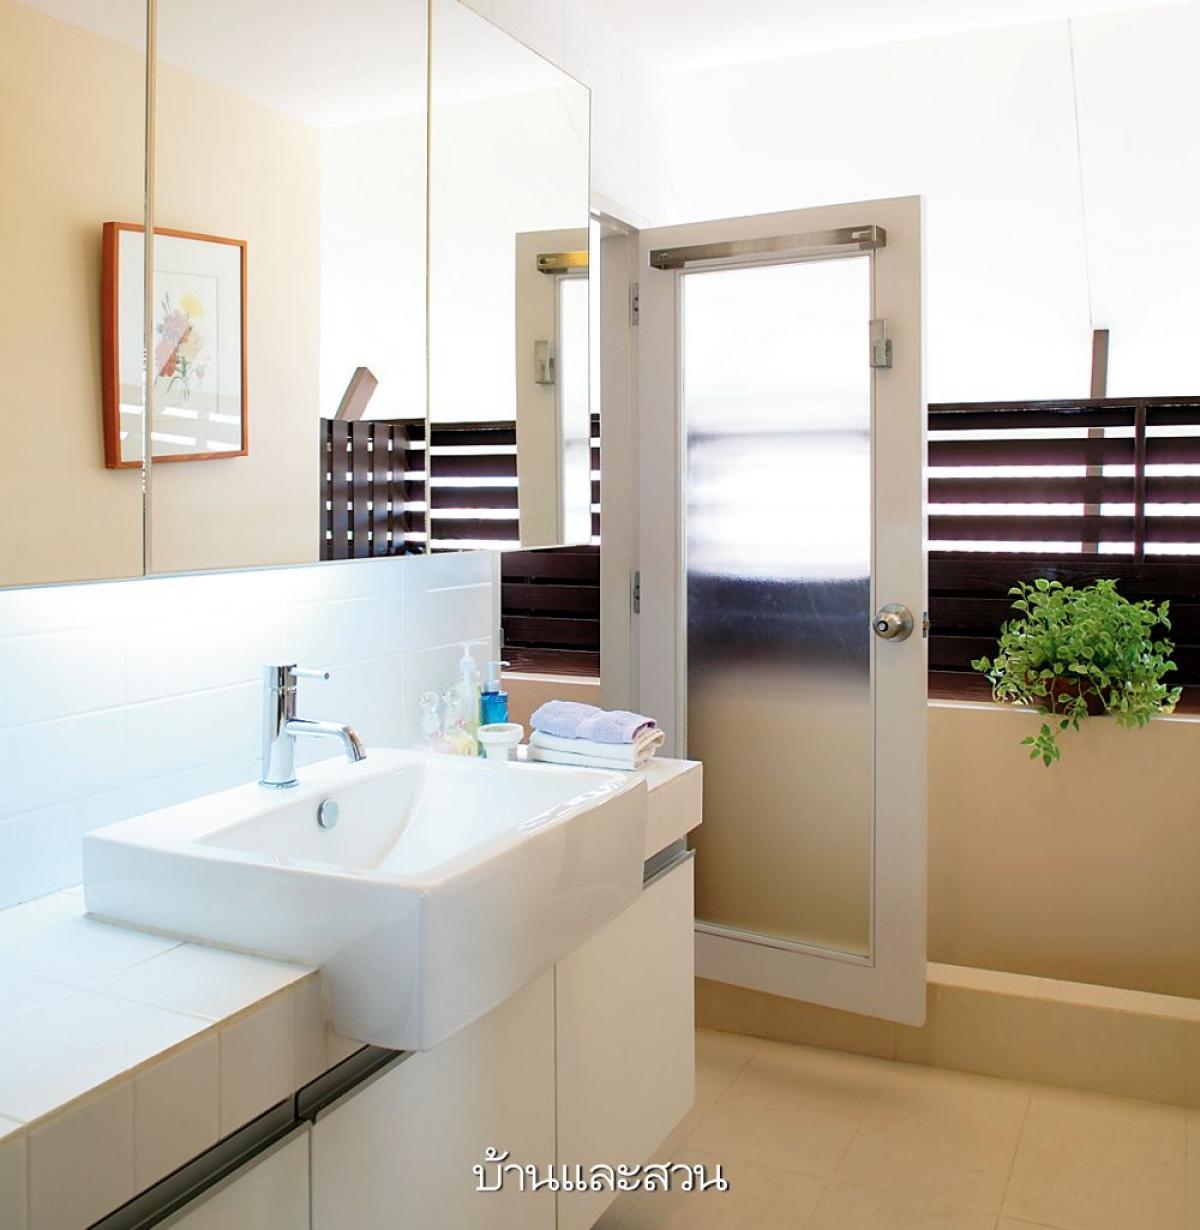 Phòng tắm được thiết kế dạng mở, được thông ra khu vực bên ngoài tầng 3. Mang màu sắc trắng sáng giúp không gian trở nên hiện đại, cuốn hút hơn.